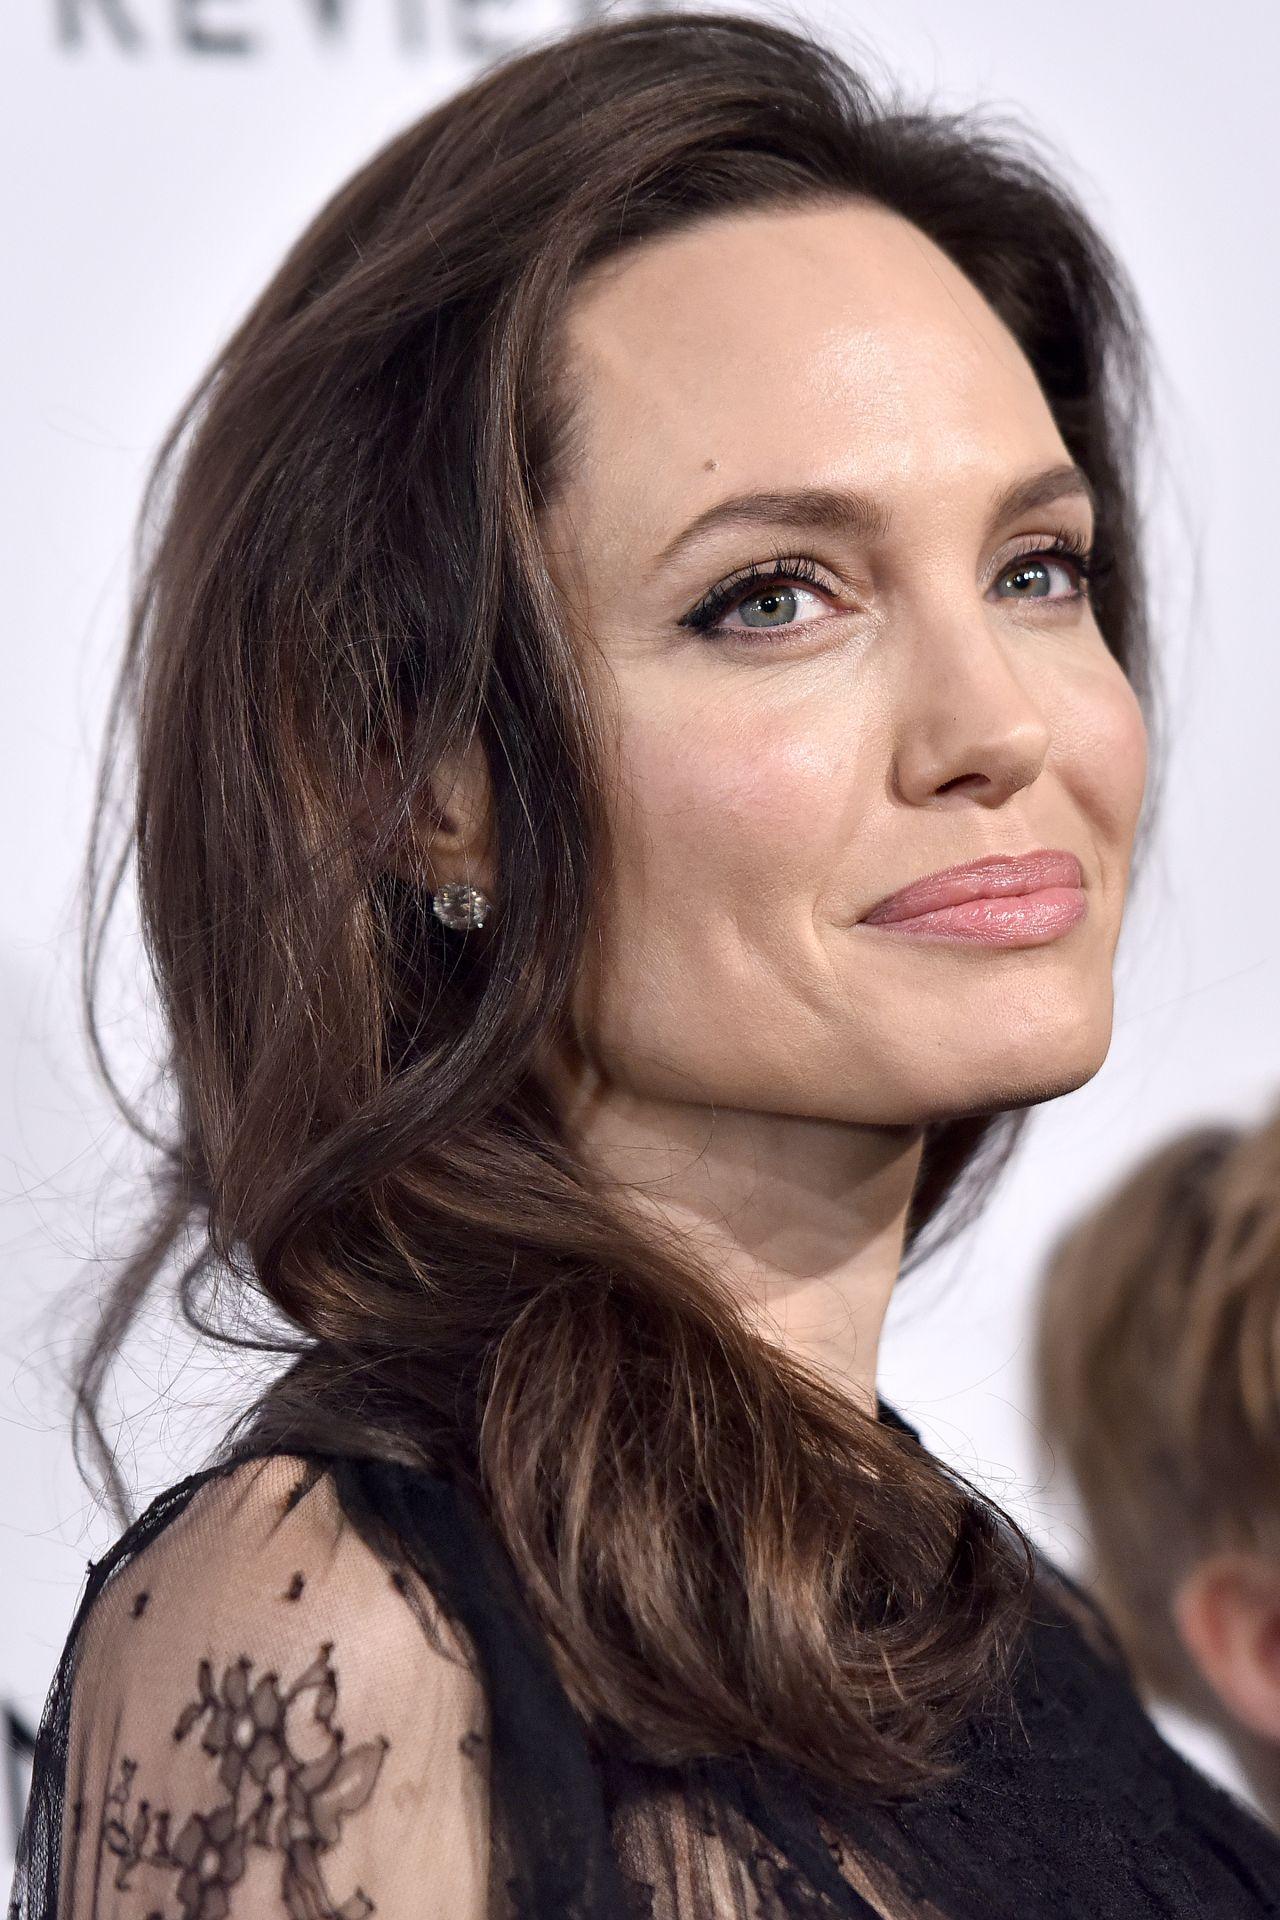 Angelina Jolie Latest Photos - Page 3 of 11 - CelebMafia Angelina Jolie